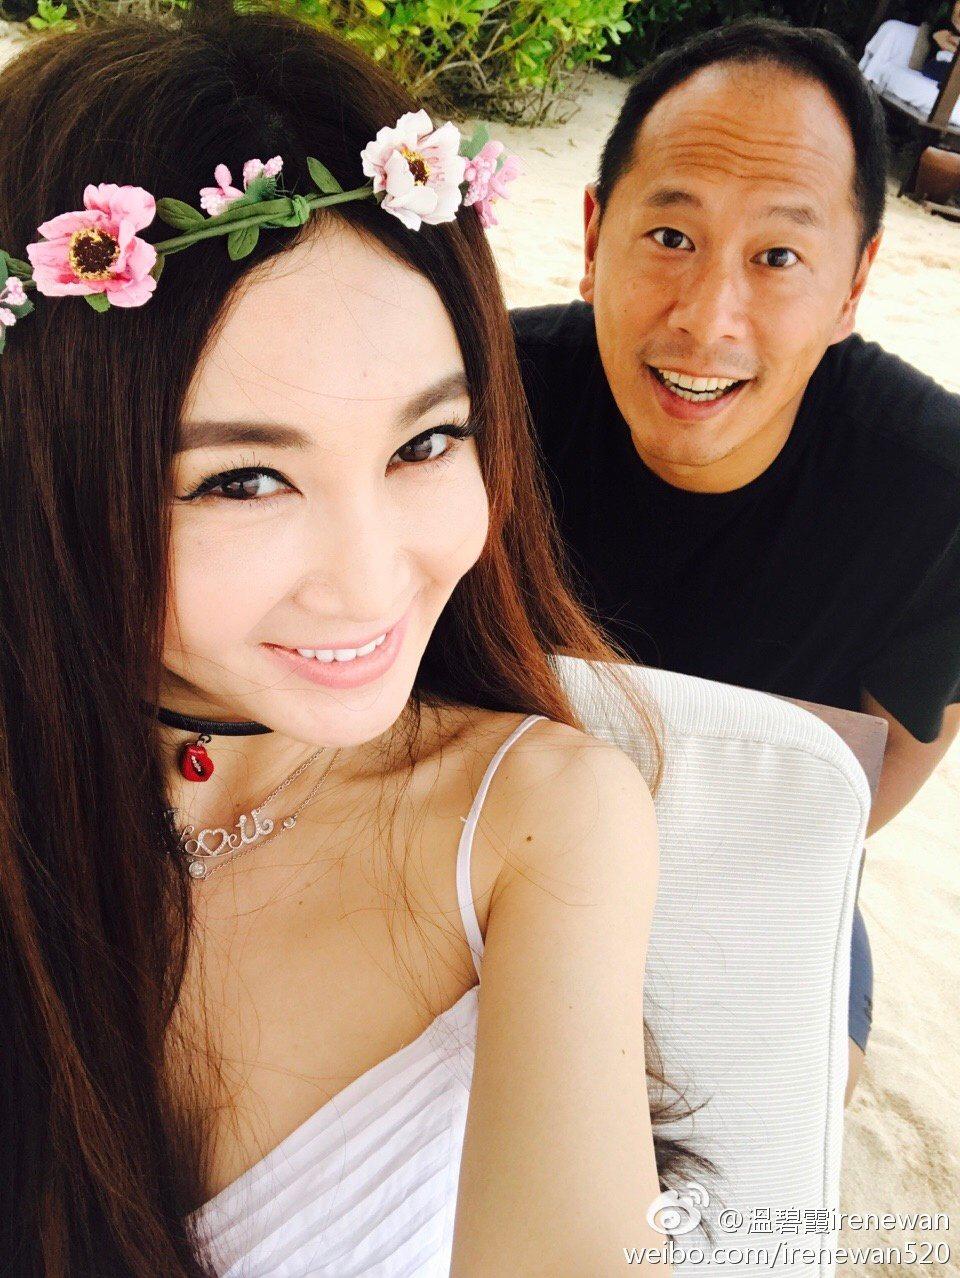 溫碧霞與何祖光常公開曬恩愛,卻被傳已分居4個月。圖/摘自微博